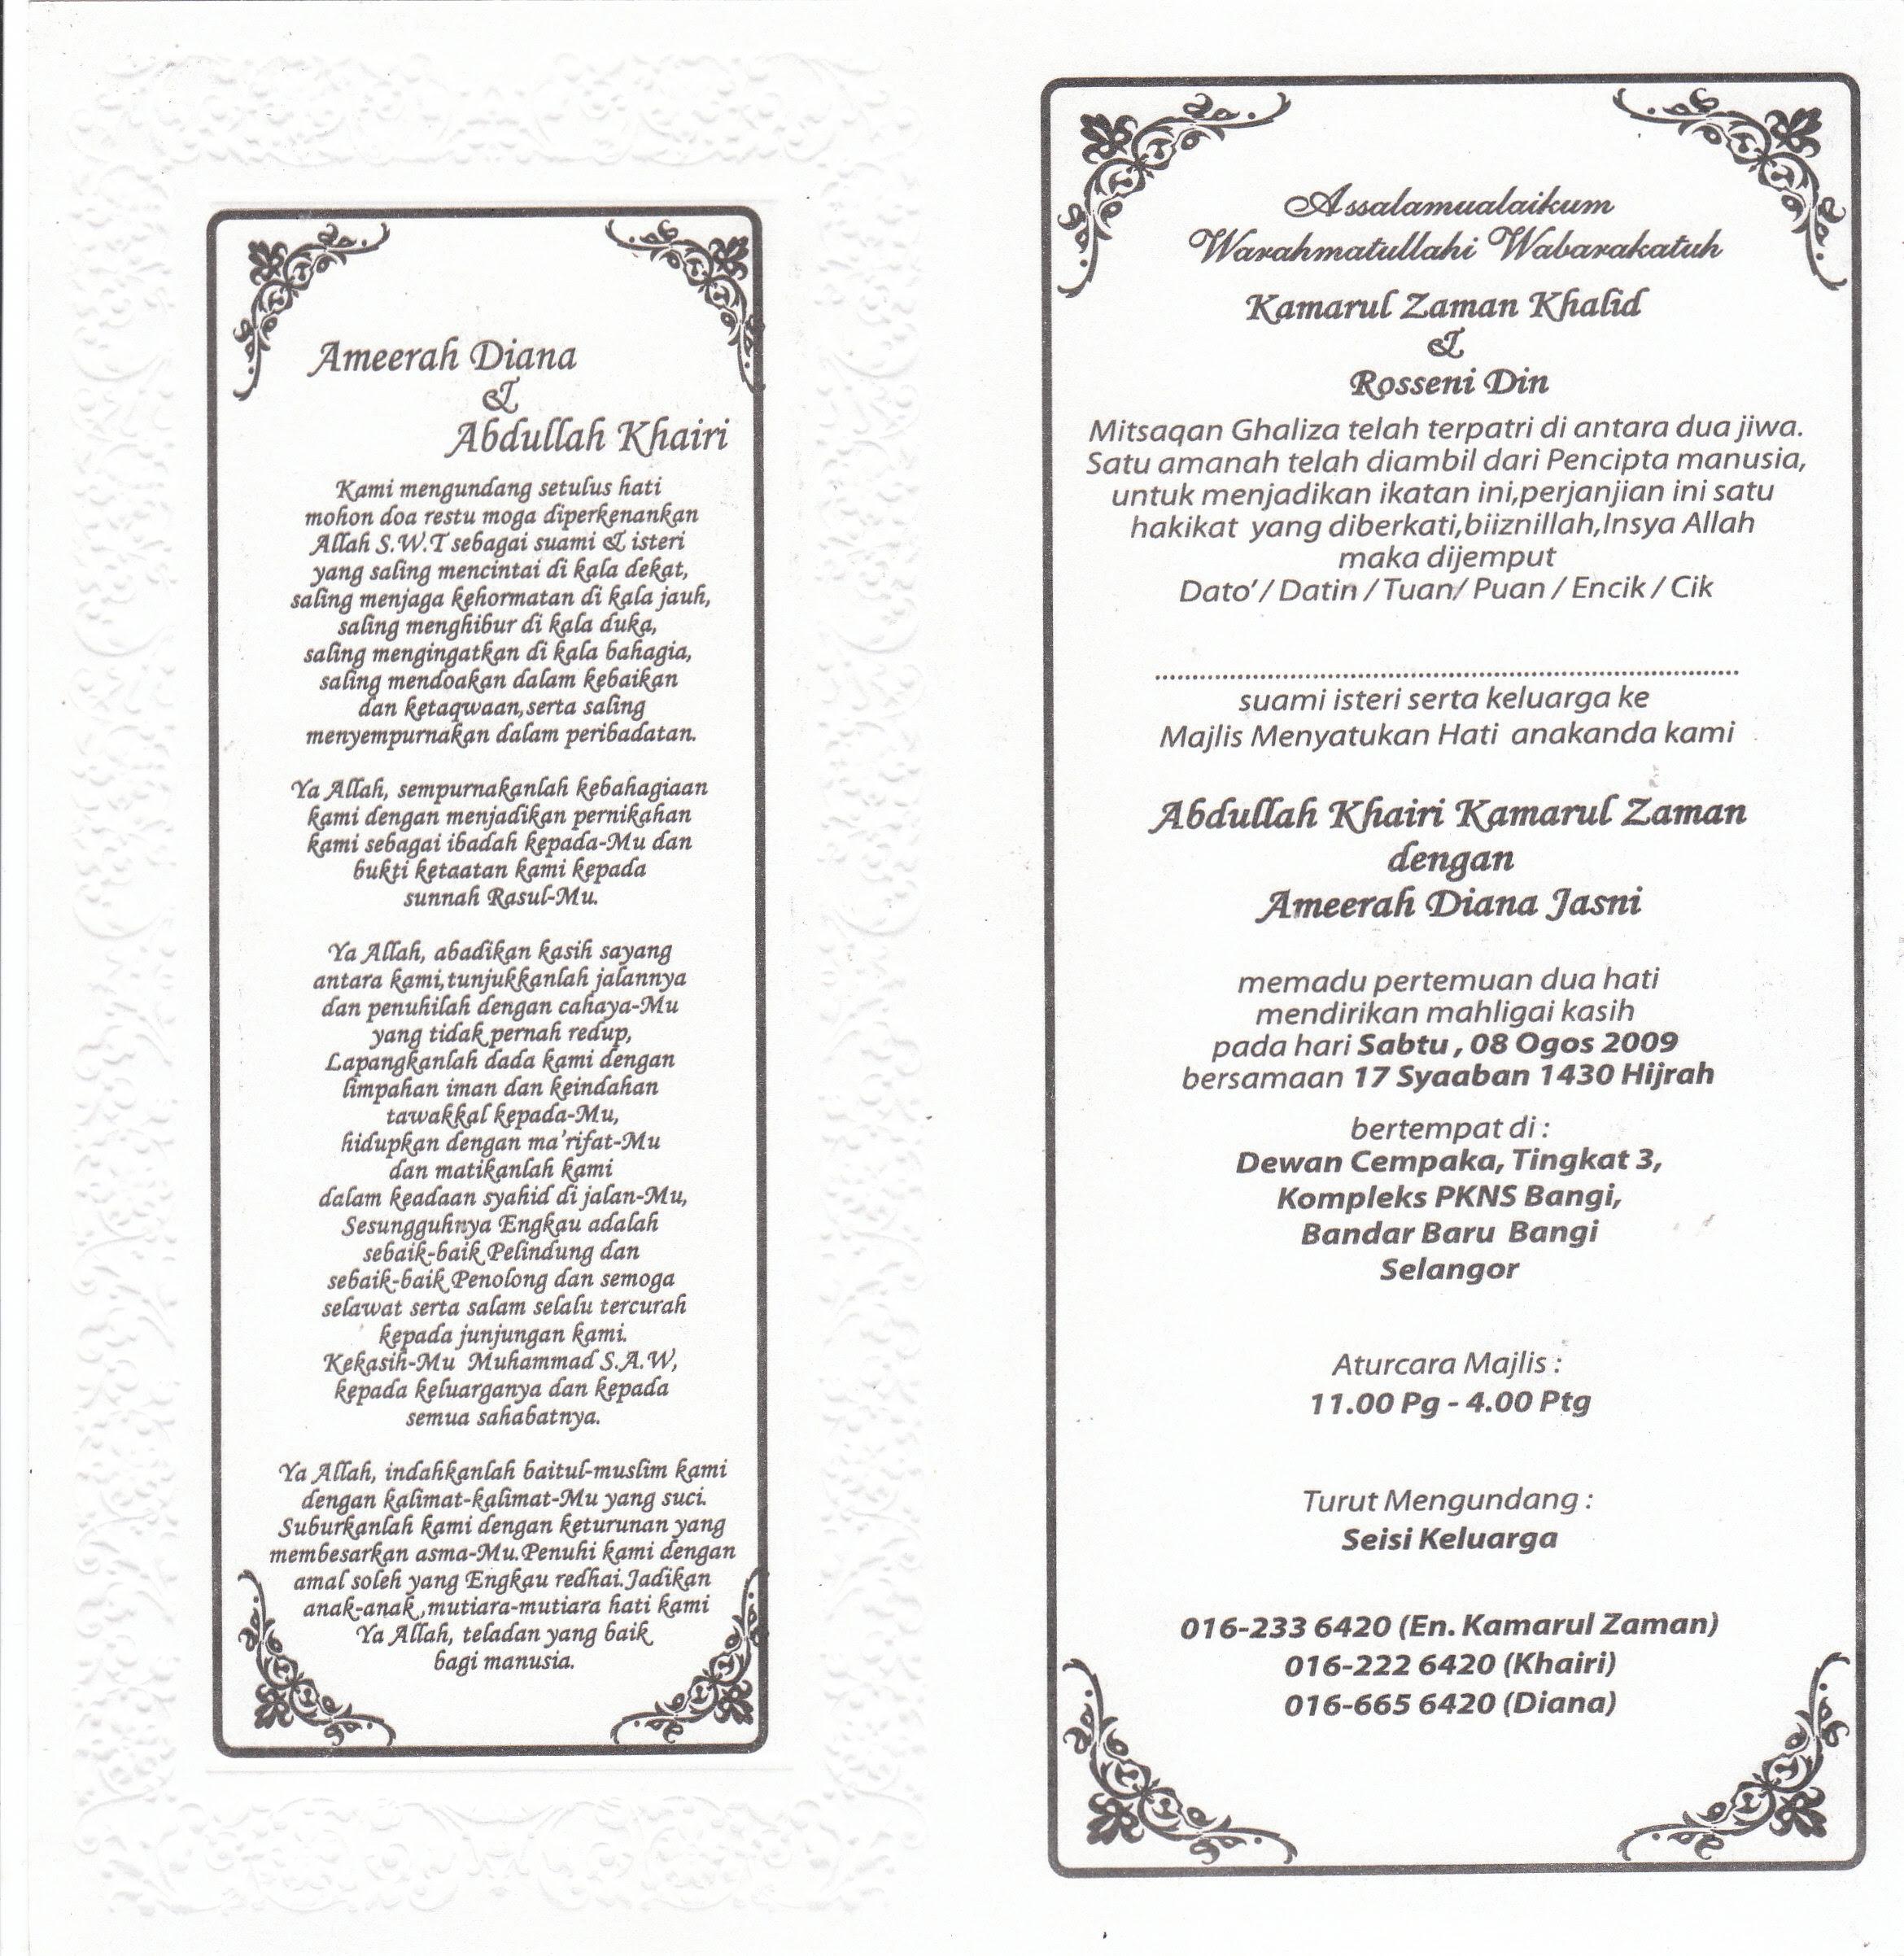 Kad Undangan Majlis Perkahwinan